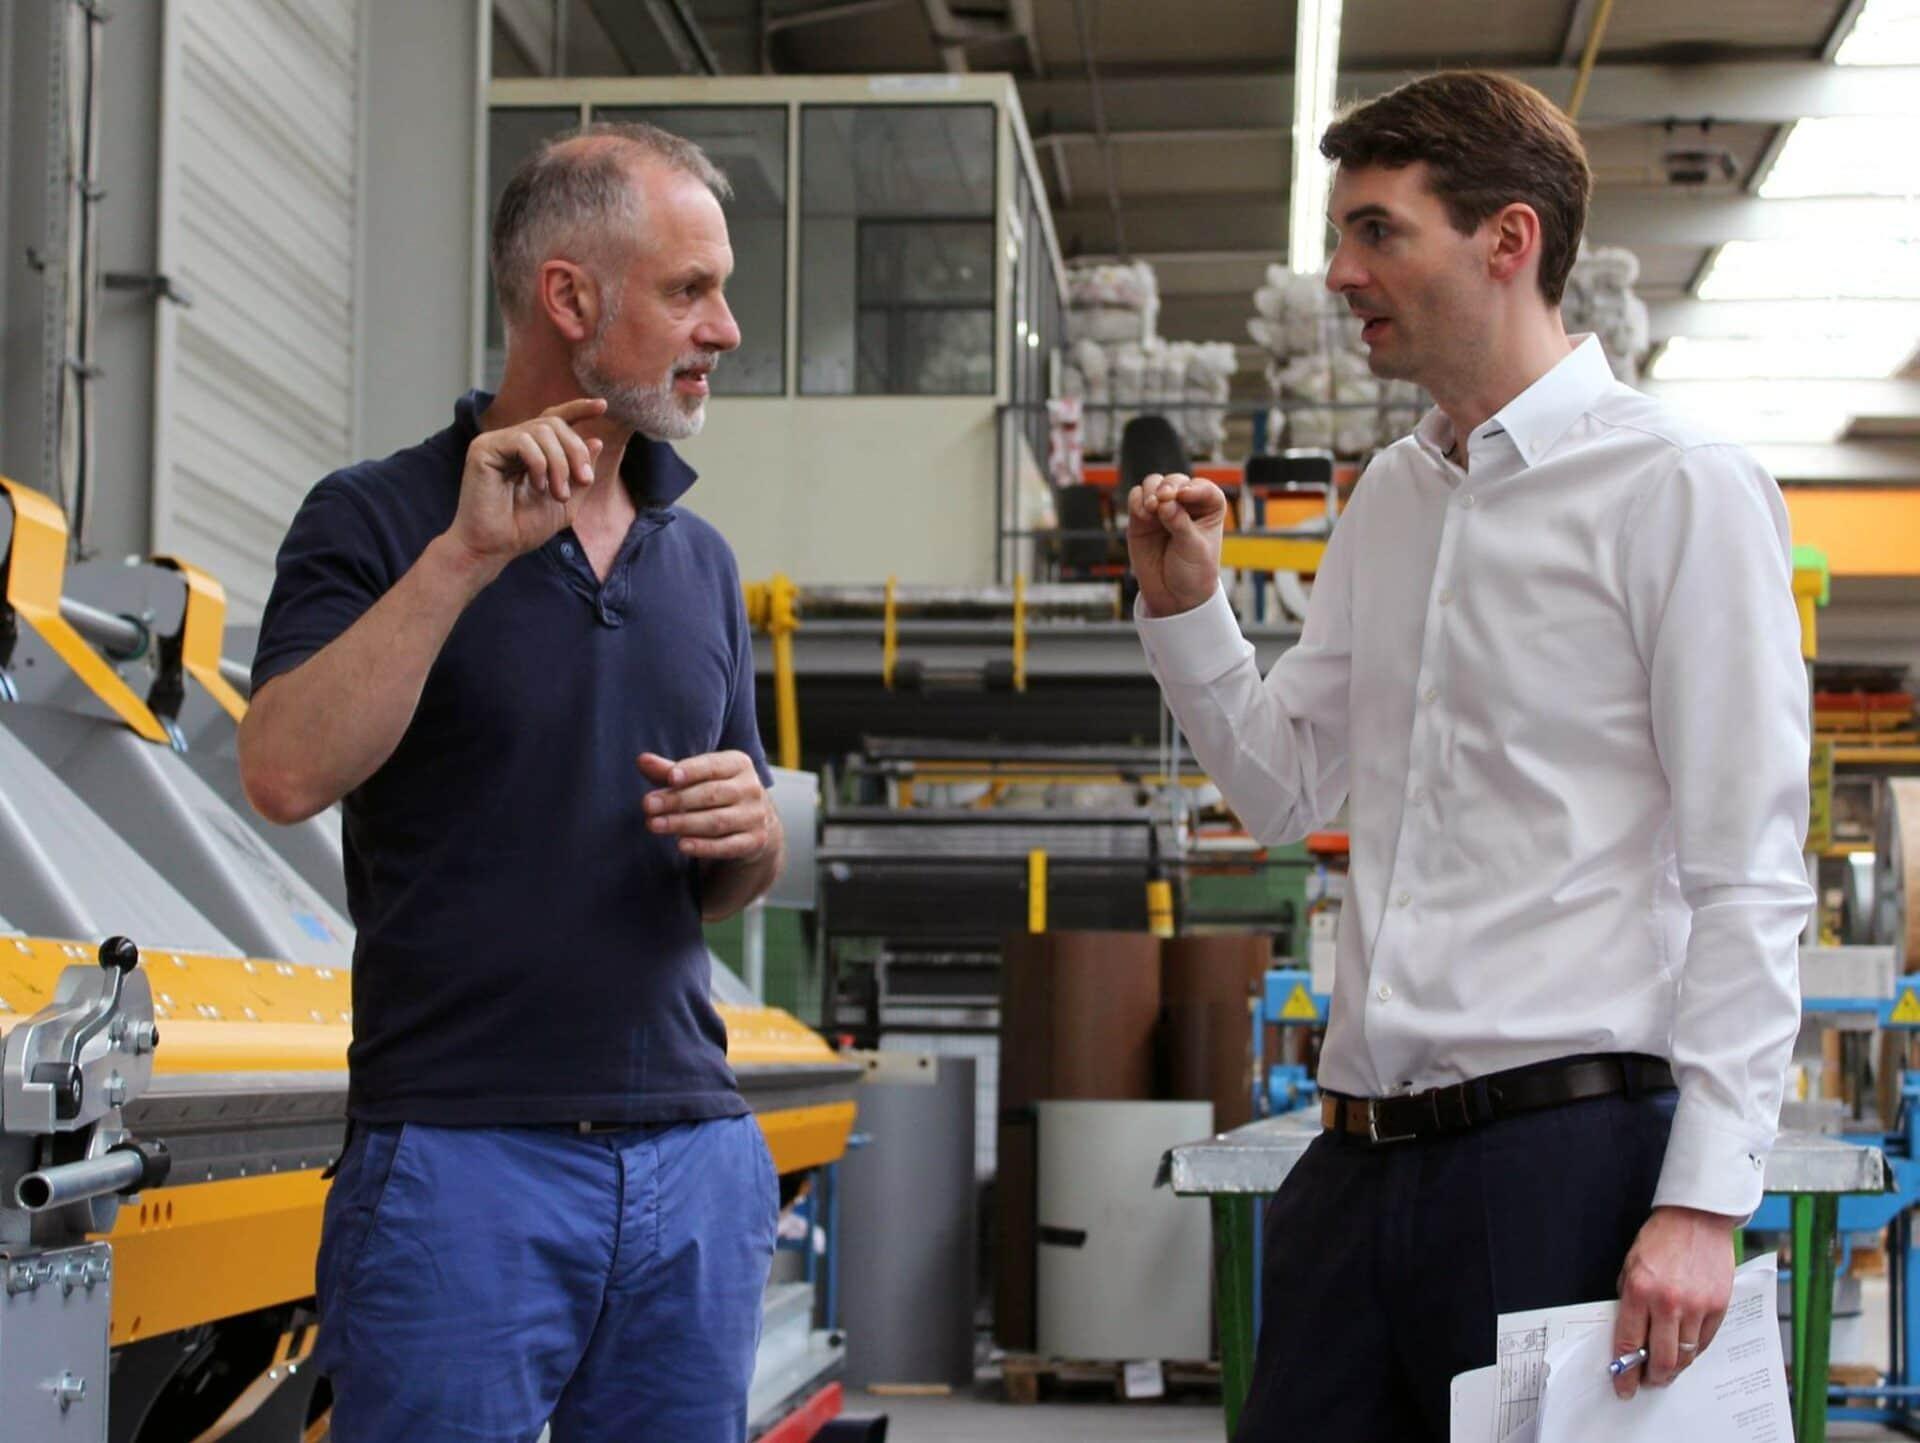 FACHGESPRÄCH:Marco Cappello (Thalmann Maschinenbau AG) und Andreas Votteler (Gustav Barth Gmbh sprechen über Details